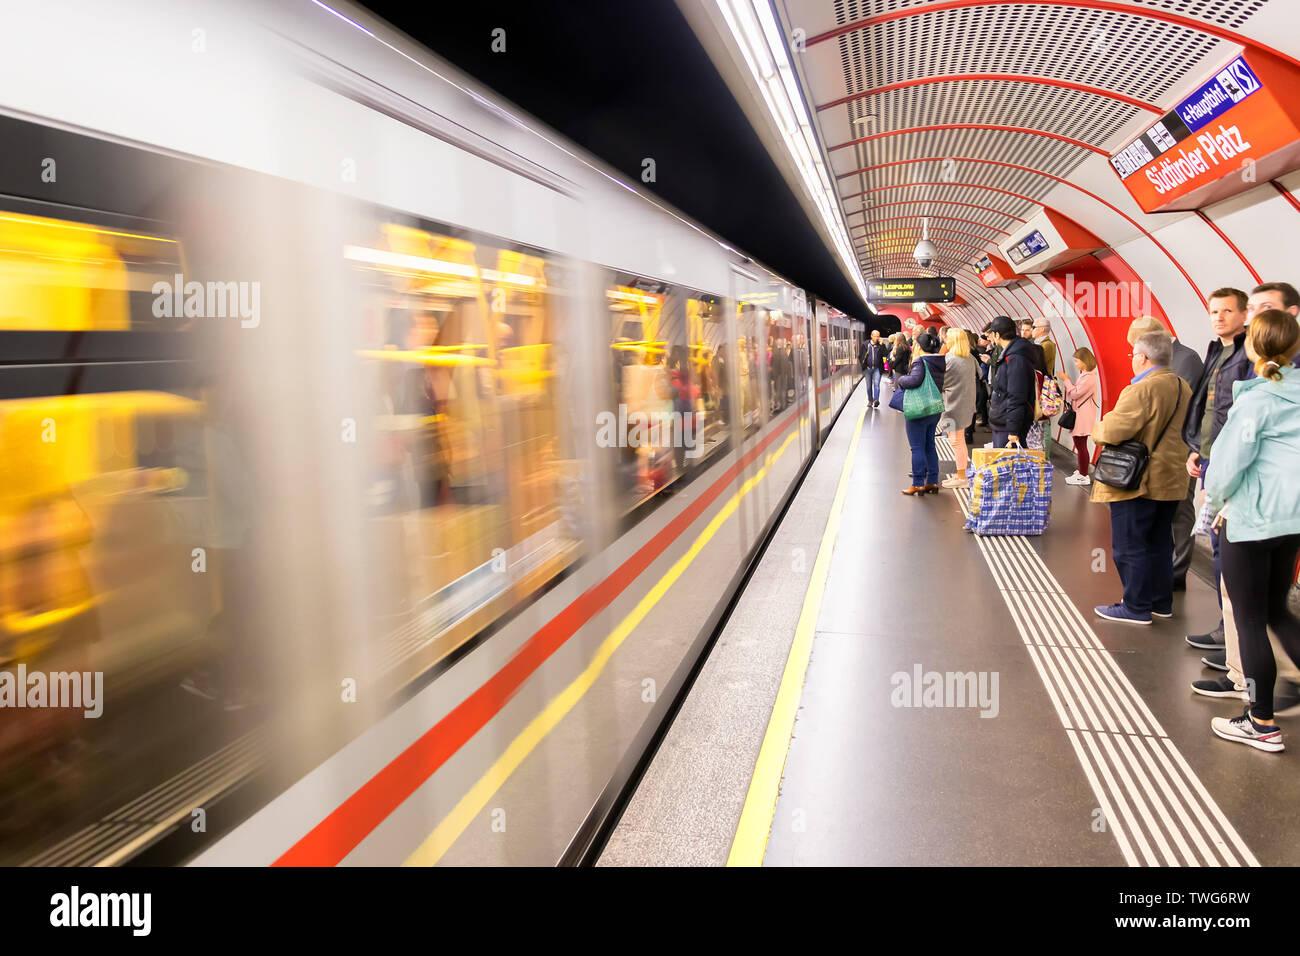 Vienna, Austria - May 23, 2019: Train arriving to platform on the underground in Vienna. Vienna public transport, Wiener Linien, operates five undergr - Stock Image